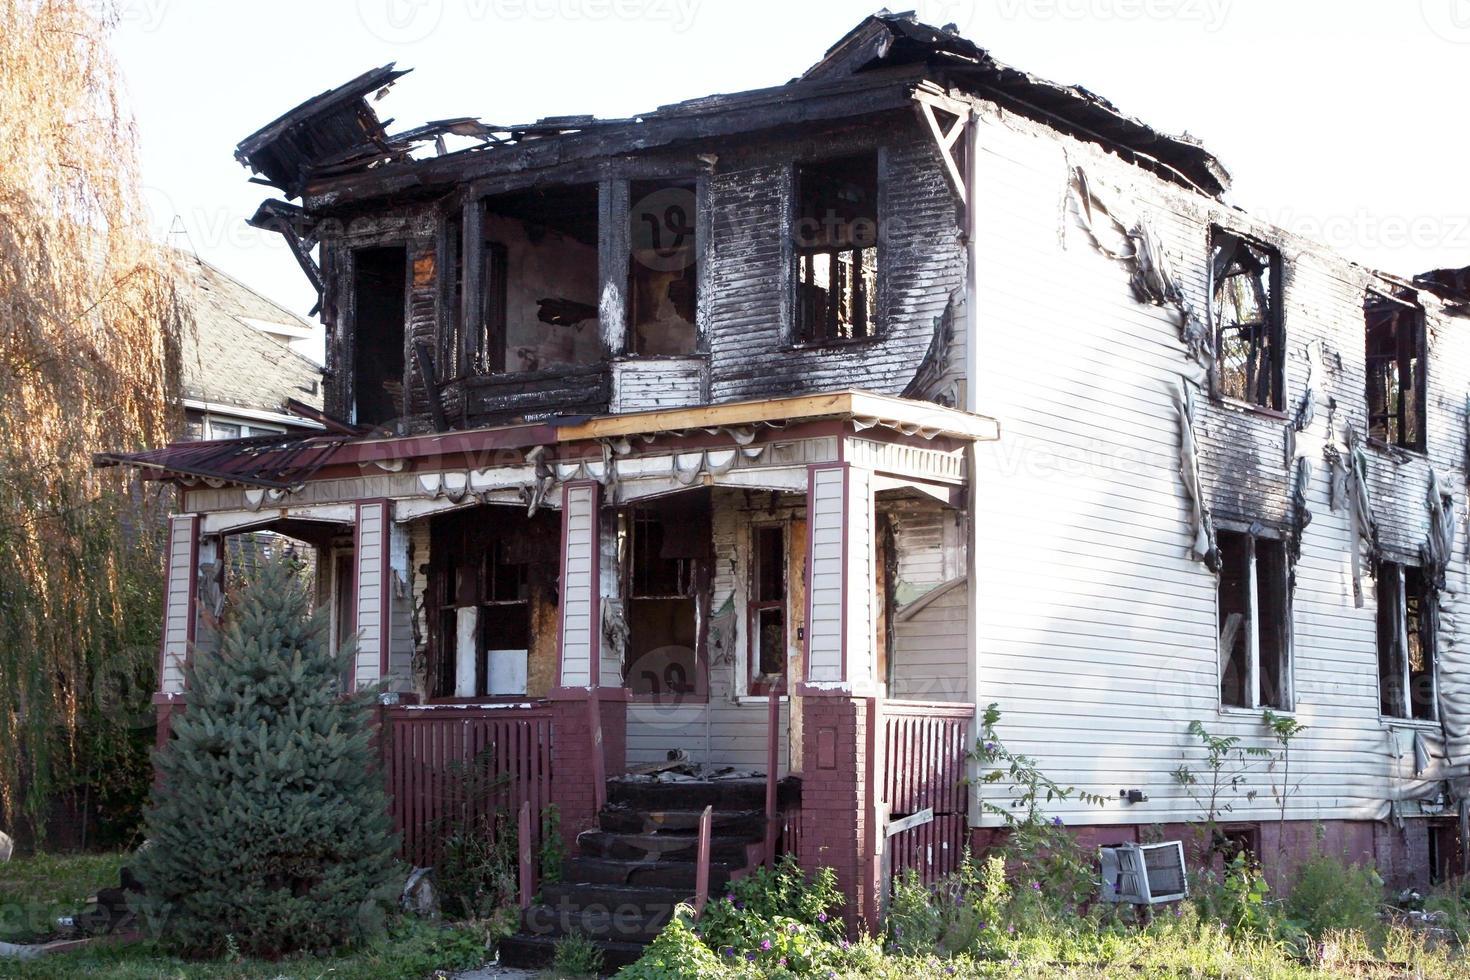 casa danneggiata dall'incendio foto